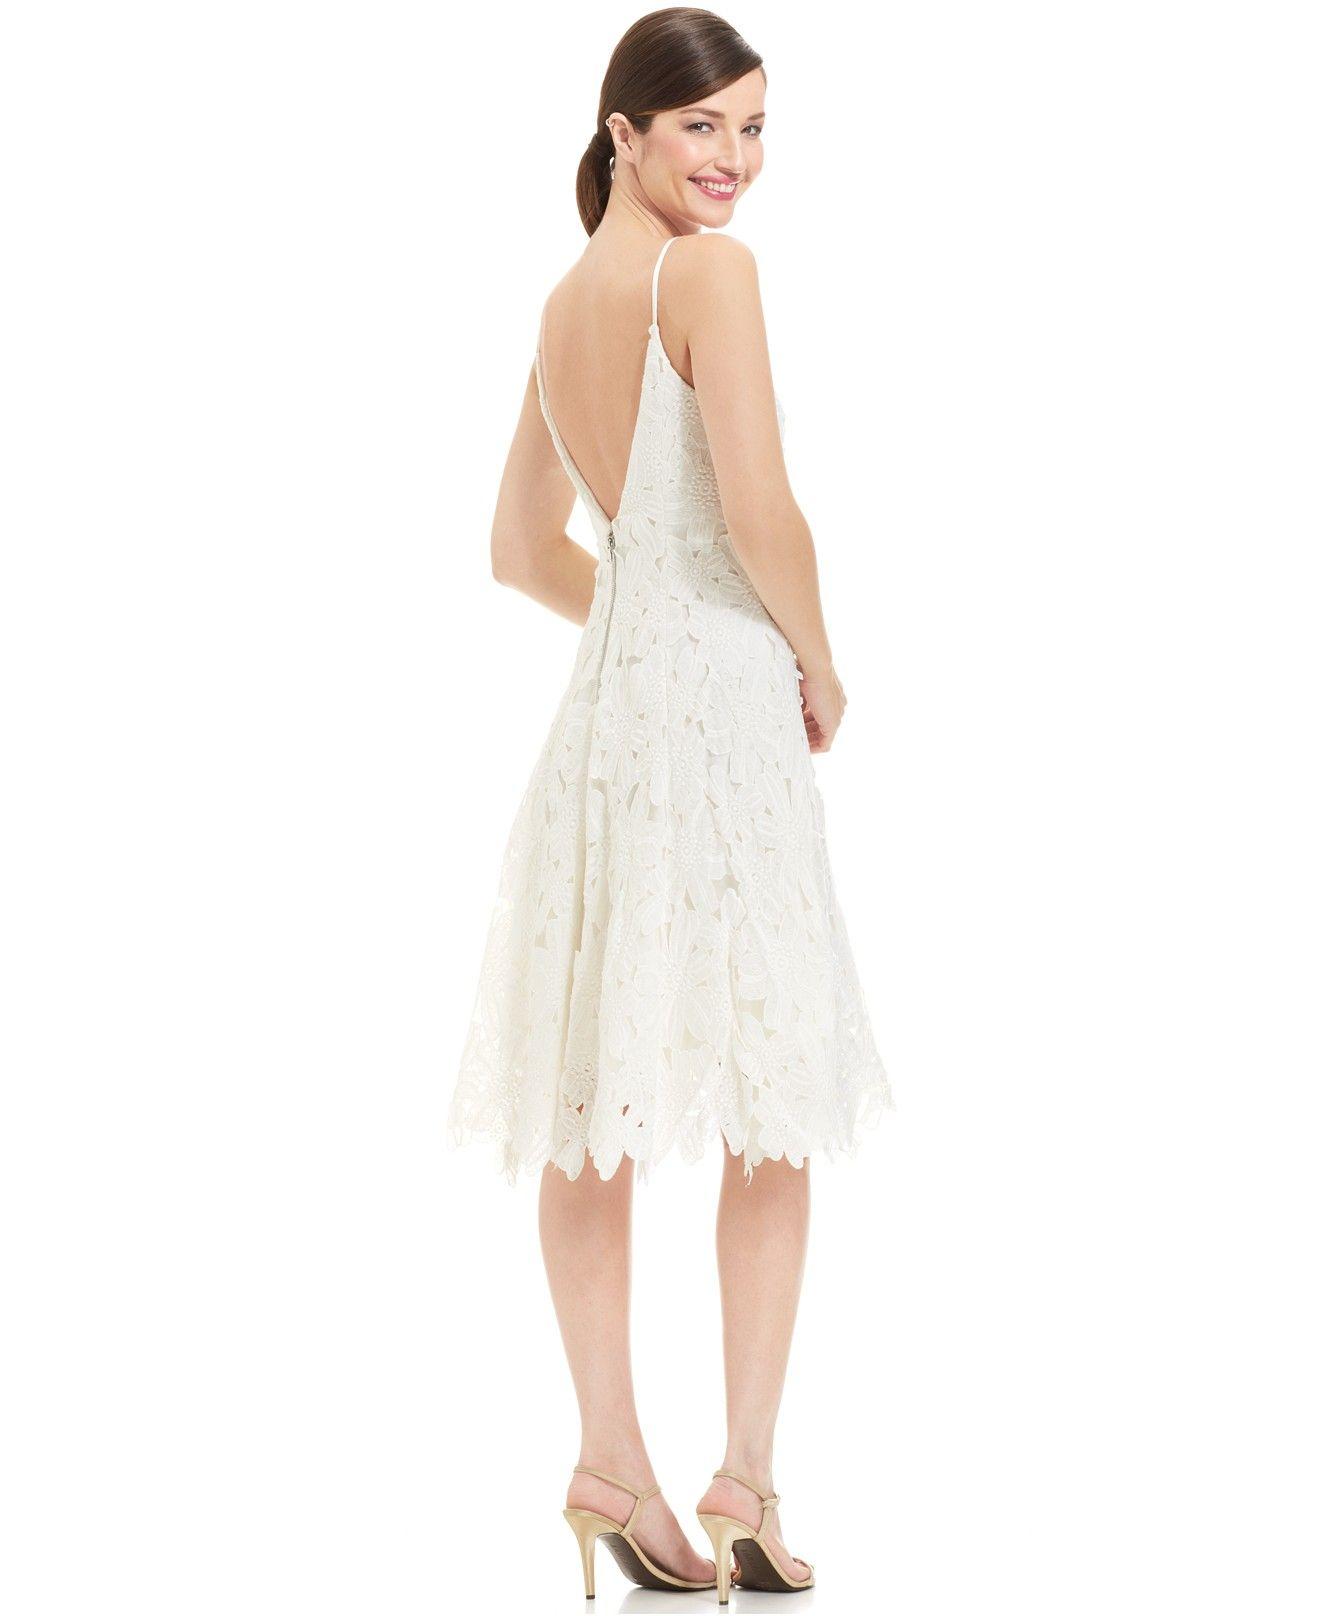 Lace dress macys  Vera Wang Sleeveless CrochetLace Scalloped Dress  Macyus  my